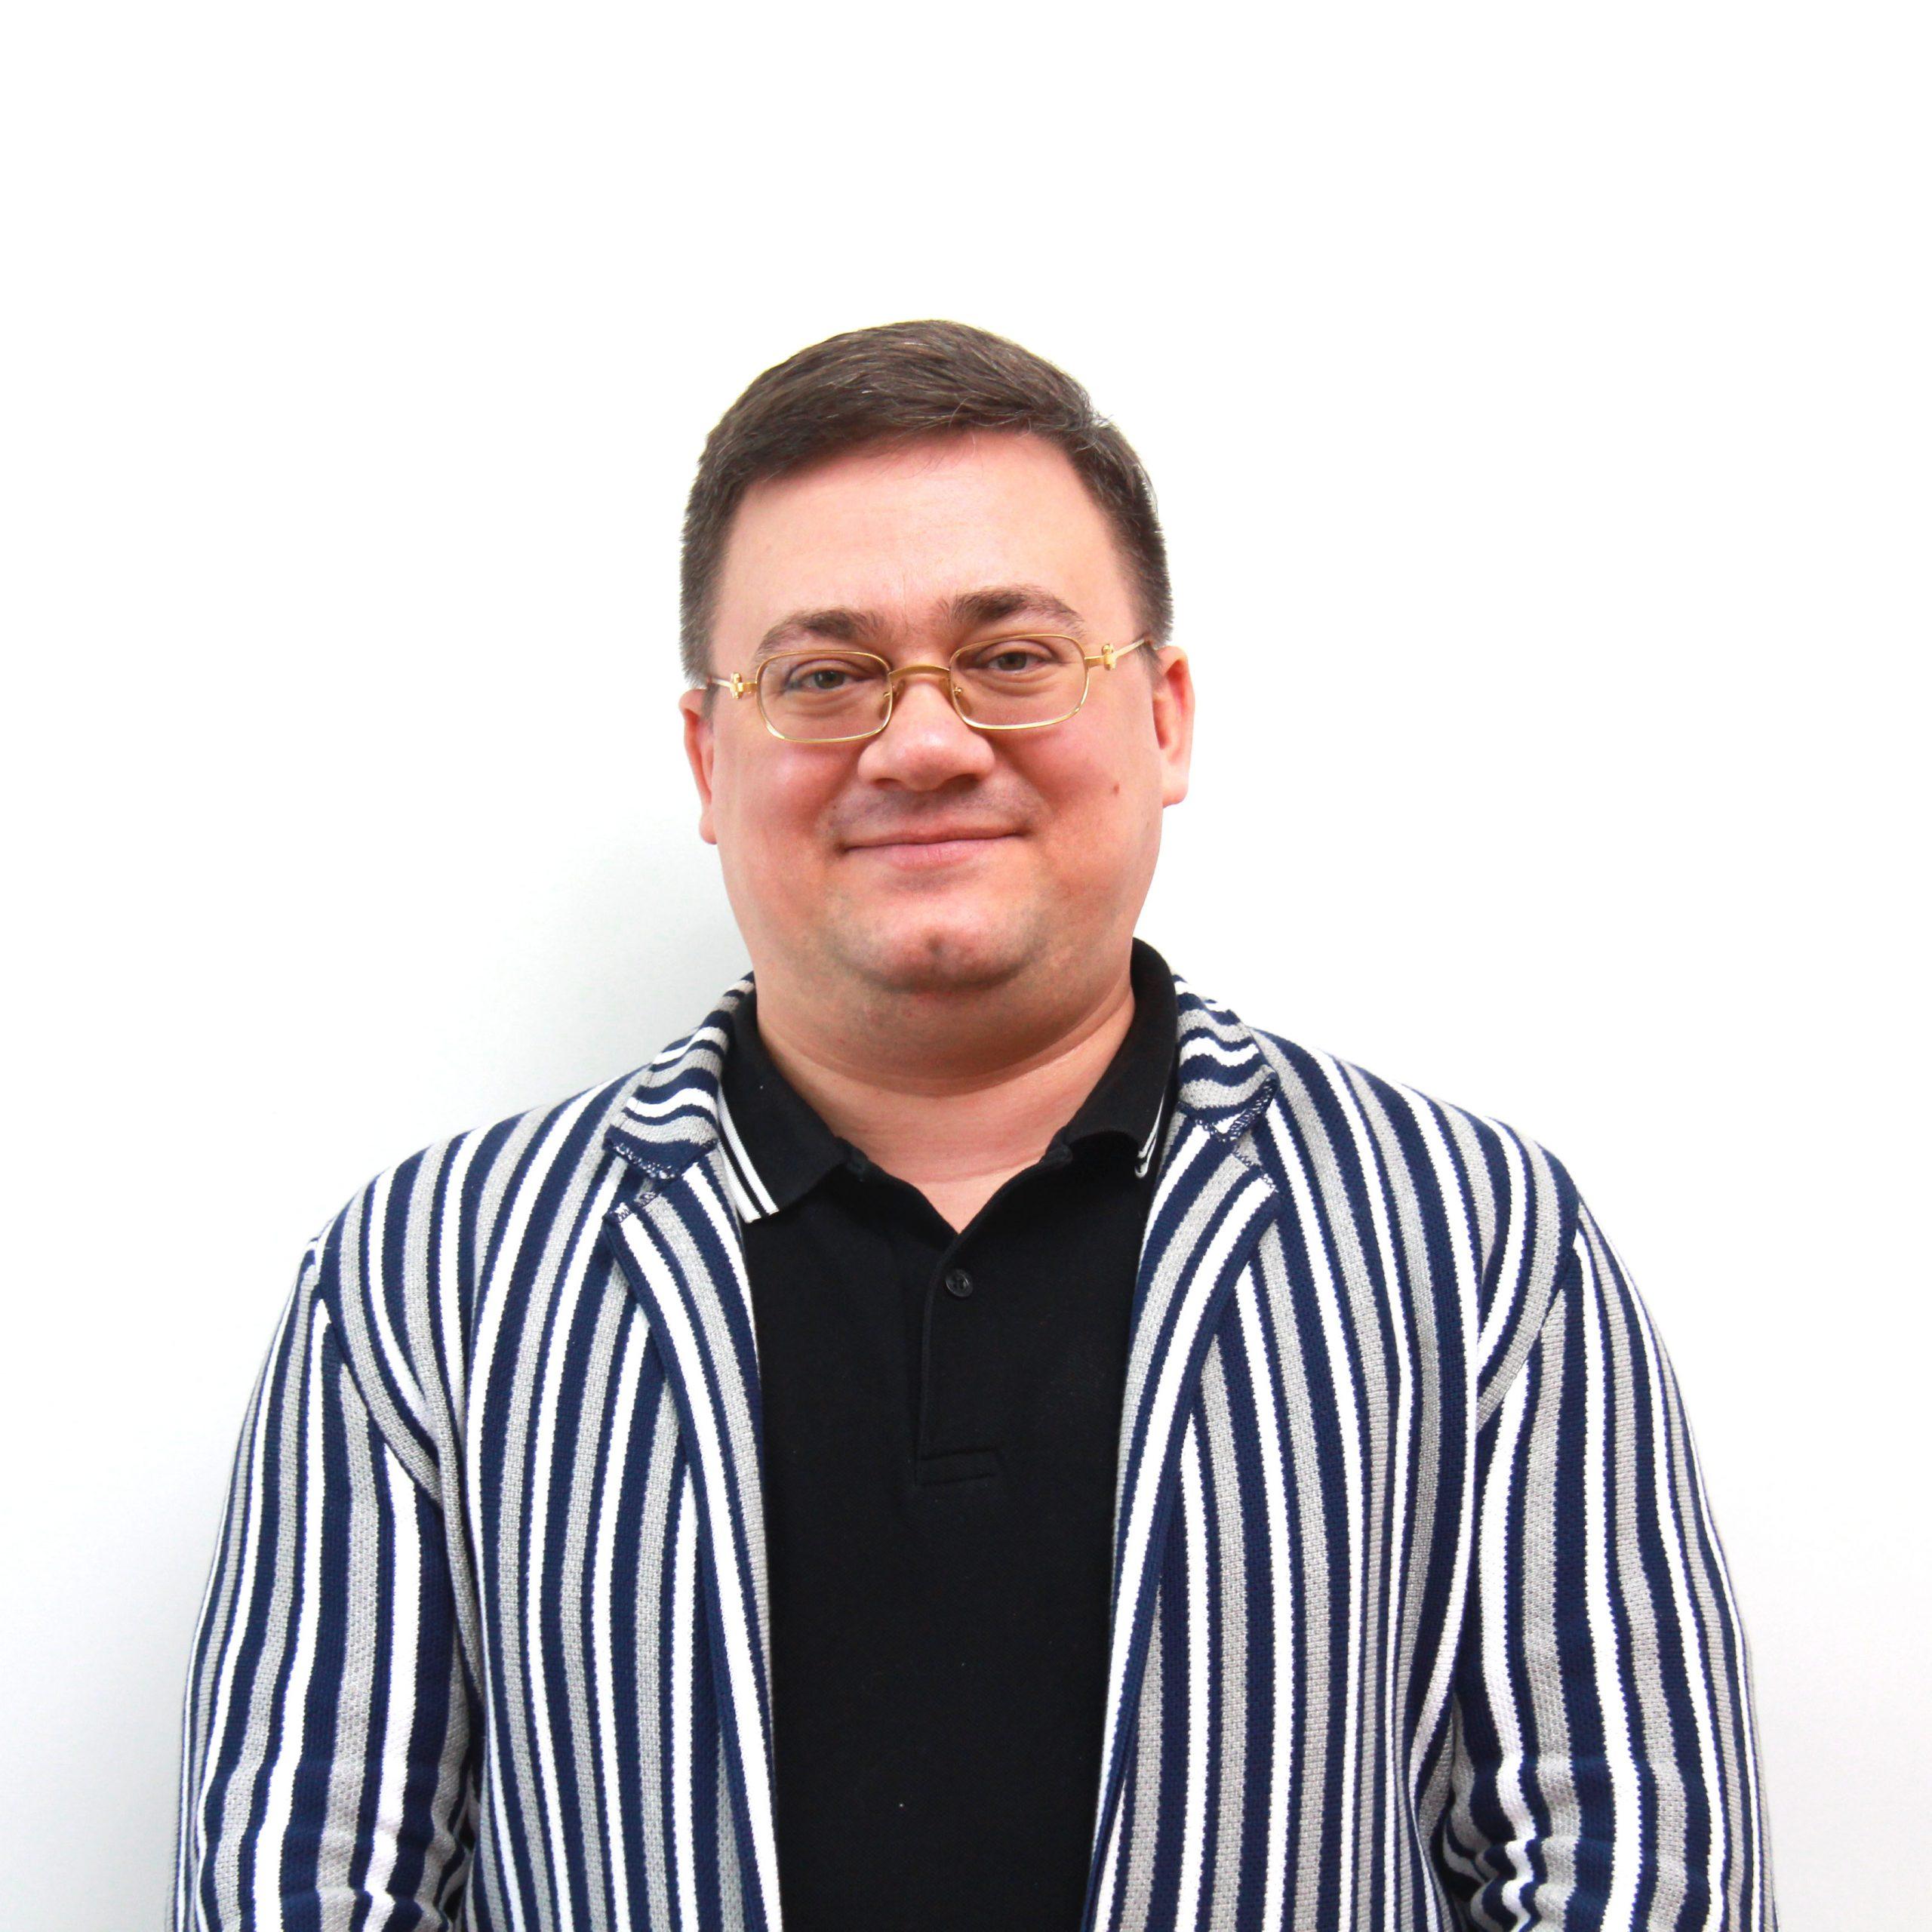 Alexei Korshunov